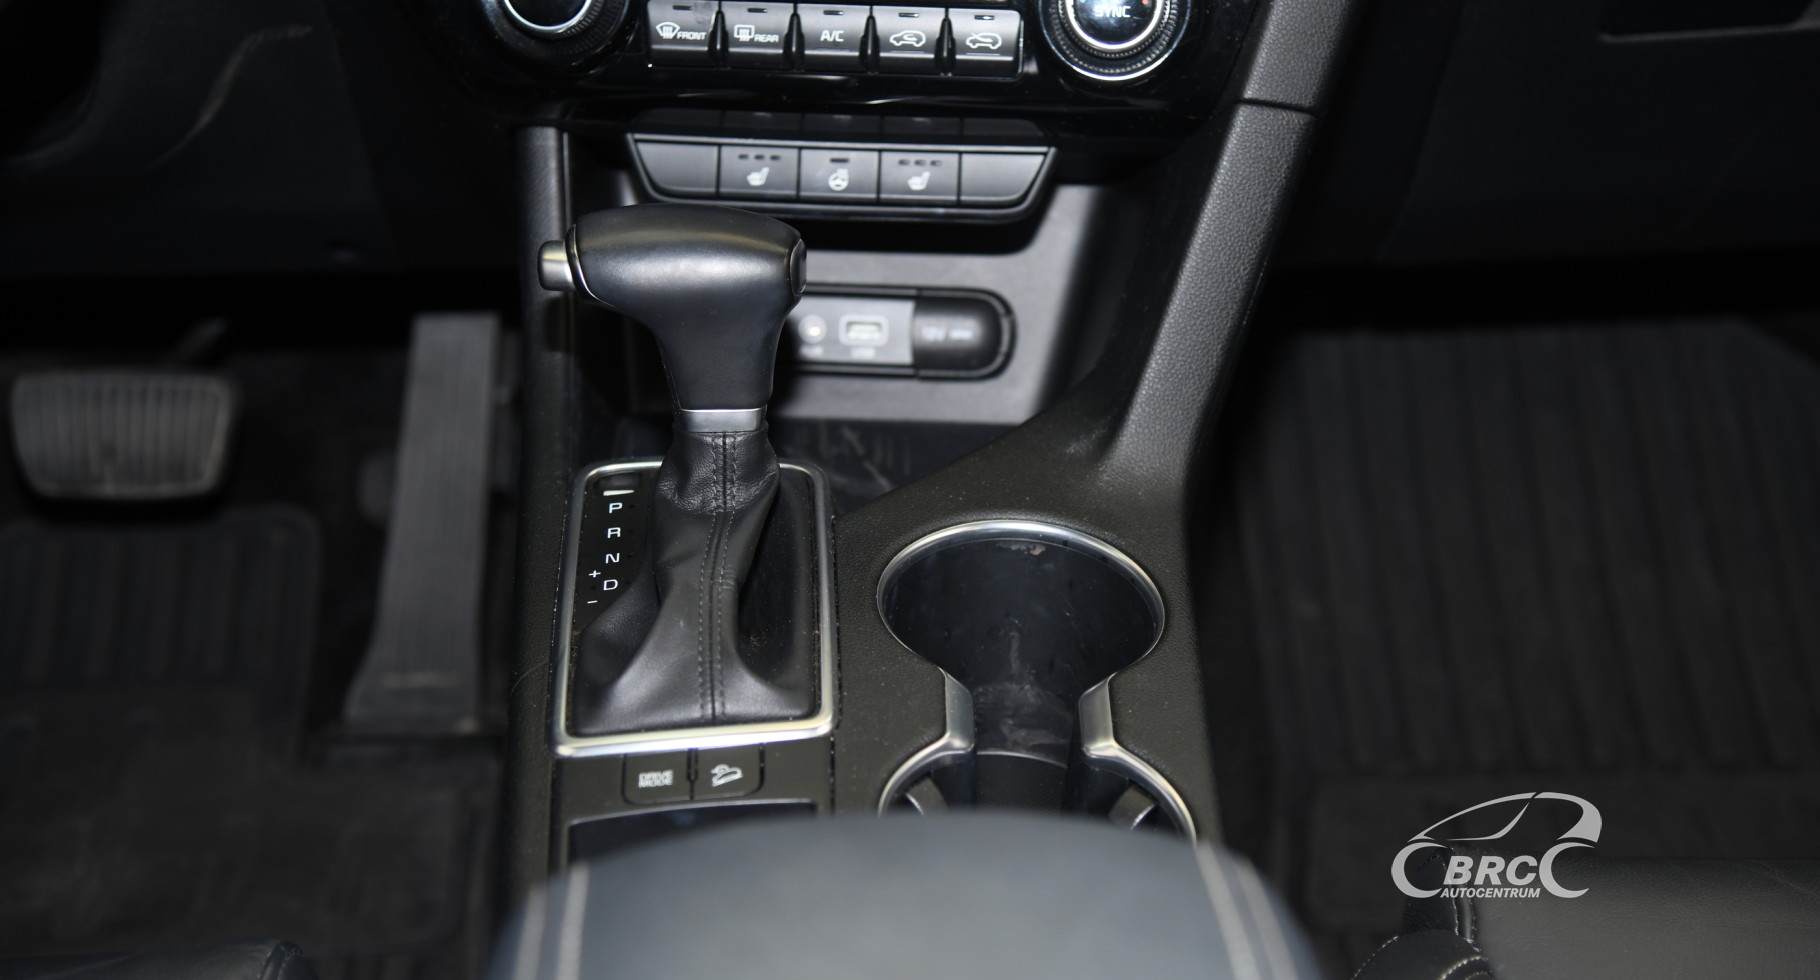 Kia Sportage 2.4i EX Automatas